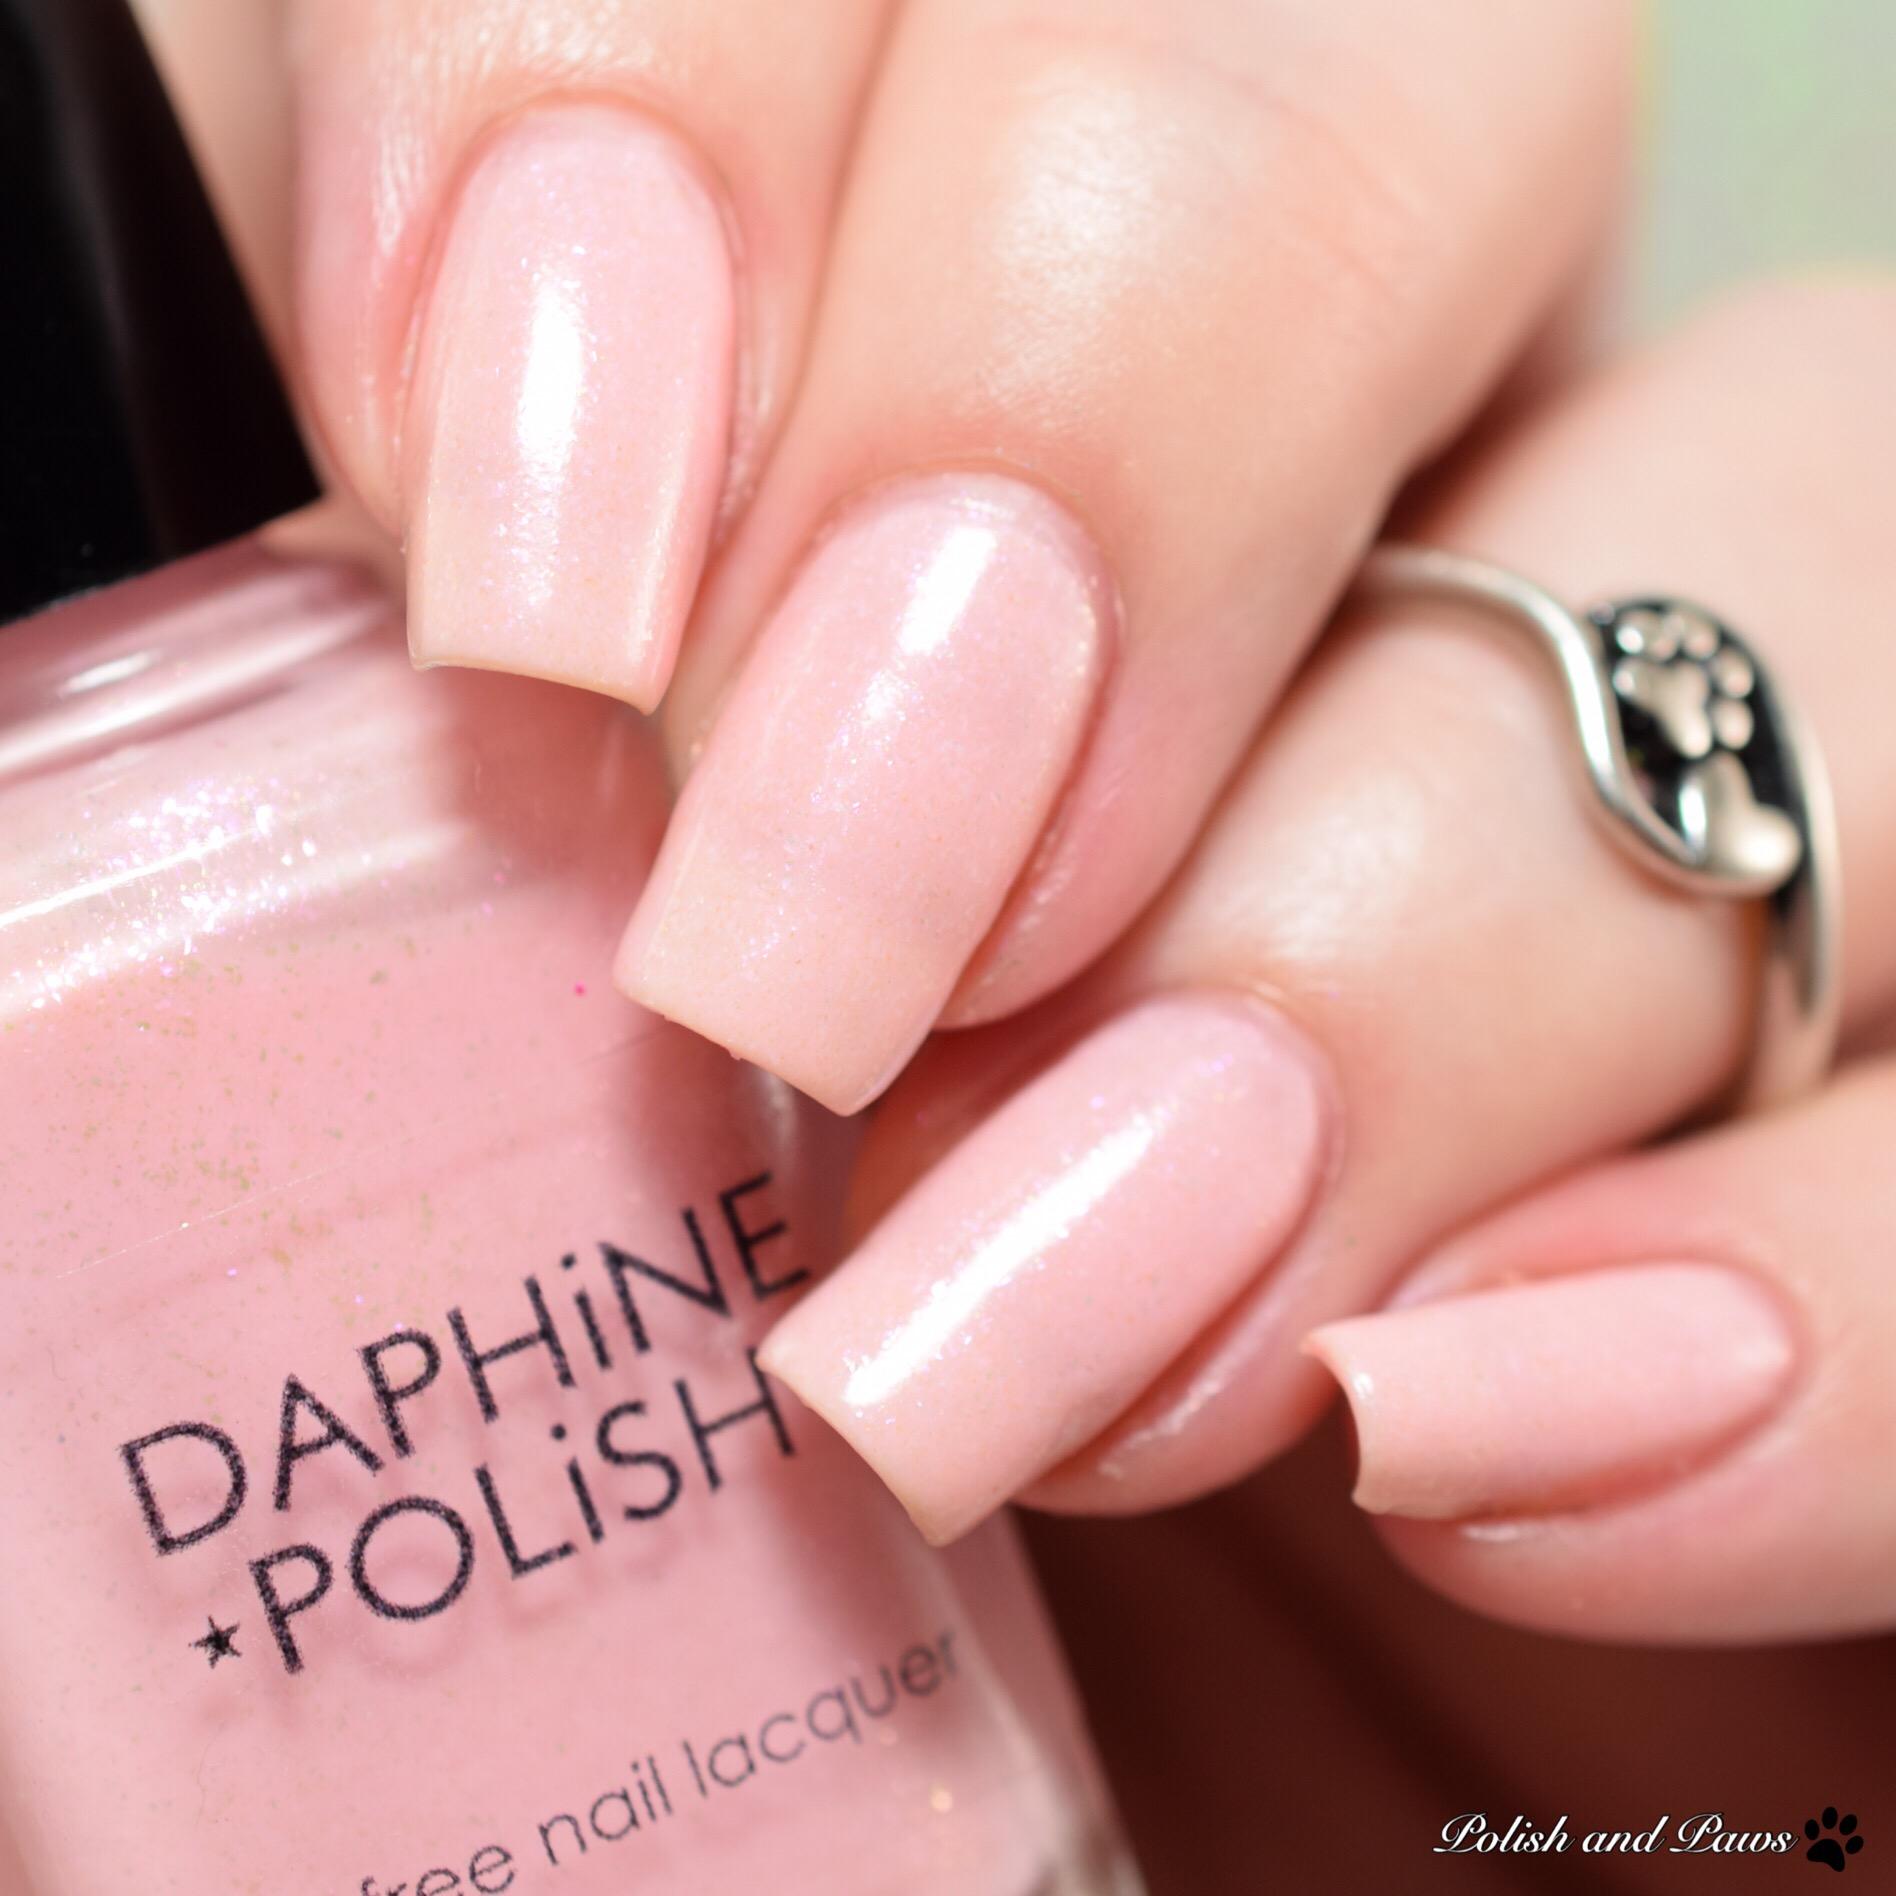 Daphine Polish Something New